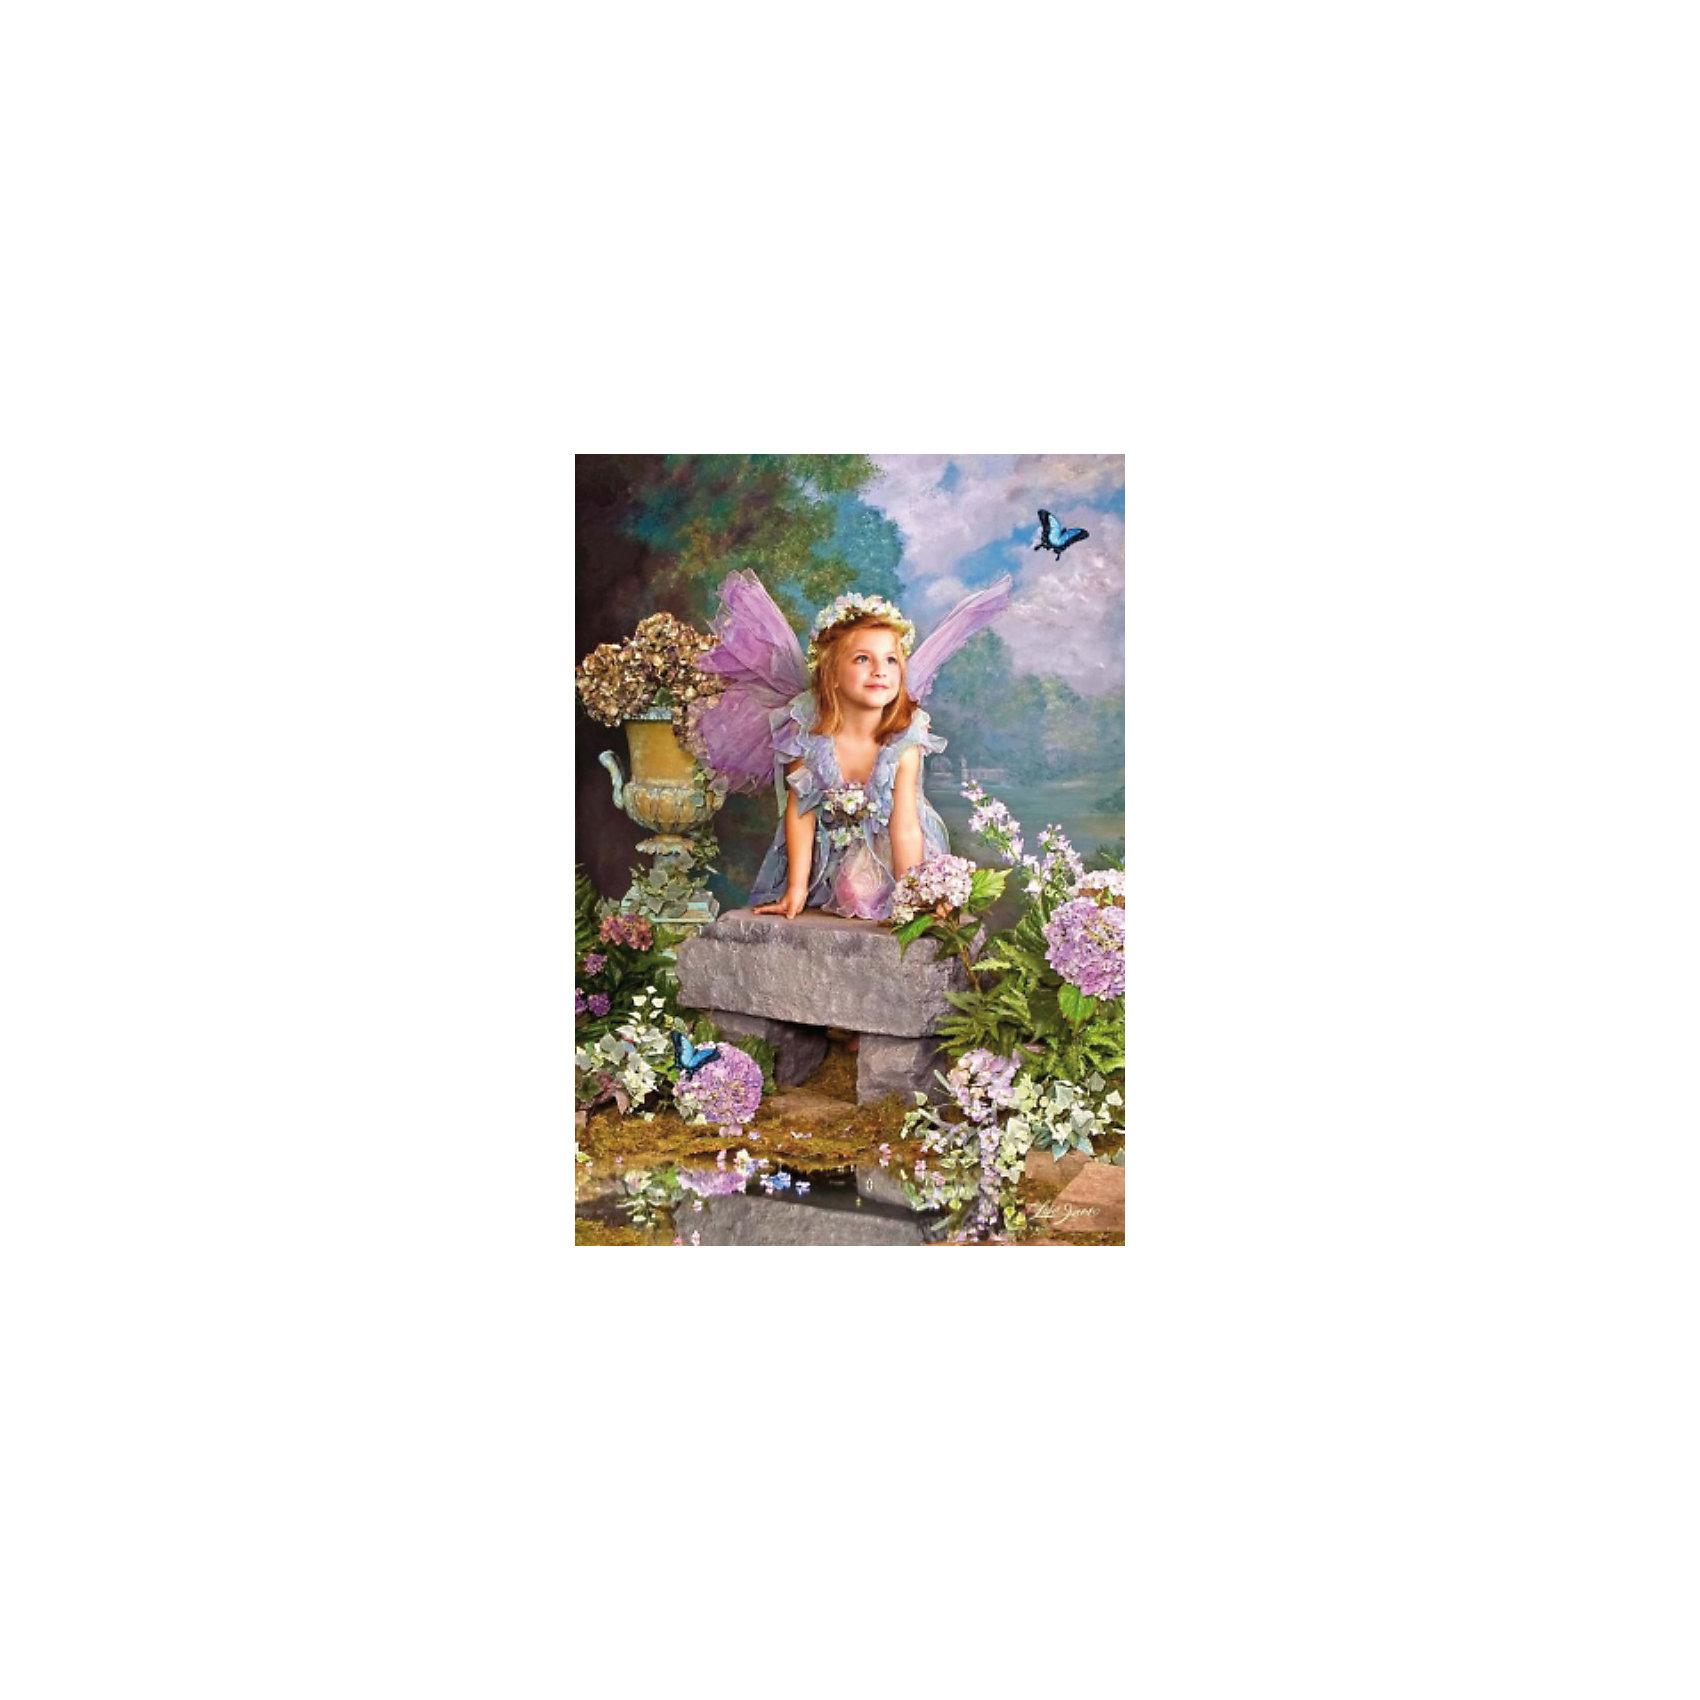 Пазлы Весенний ангел, 1500 деталей, CastorlandПазлы Пазлы Весенний ангел, 1500 деталей  - красивый и качественный пазл с изображением нежного и юного весеннего ангела.<br><br>Дополнительная информация:<br><br>- Кол-во деталей: 1500 шт.<br>- Материал: картон.<br>- Размер собранной картинки: 68 х 47 см.<br>- Размеры:  350x250x52 мм.<br><br>Ширина мм: 350<br>Глубина мм: 50<br>Высота мм: 250<br>Вес г: 500<br>Возраст от месяцев: 168<br>Возраст до месяцев: 1188<br>Пол: Унисекс<br>Возраст: Детский<br>Количество деталей: 1500<br>SKU: 2562321